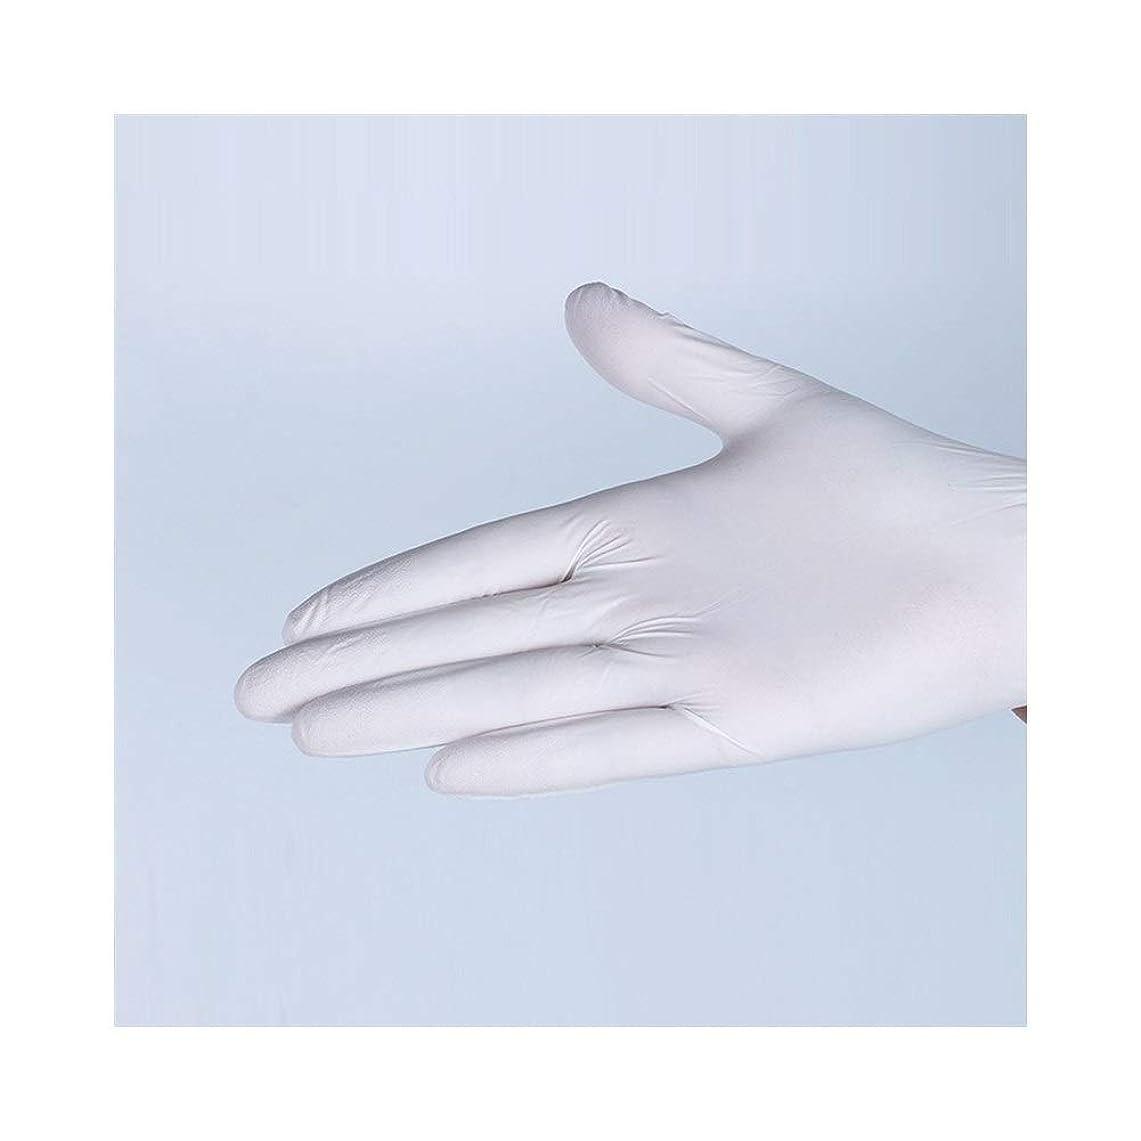 対象歩き回るアトミック使い捨てのパウダーフリー化学実験ニトリル手袋工業労働保護手袋 YANW (Color : White, Size : M)